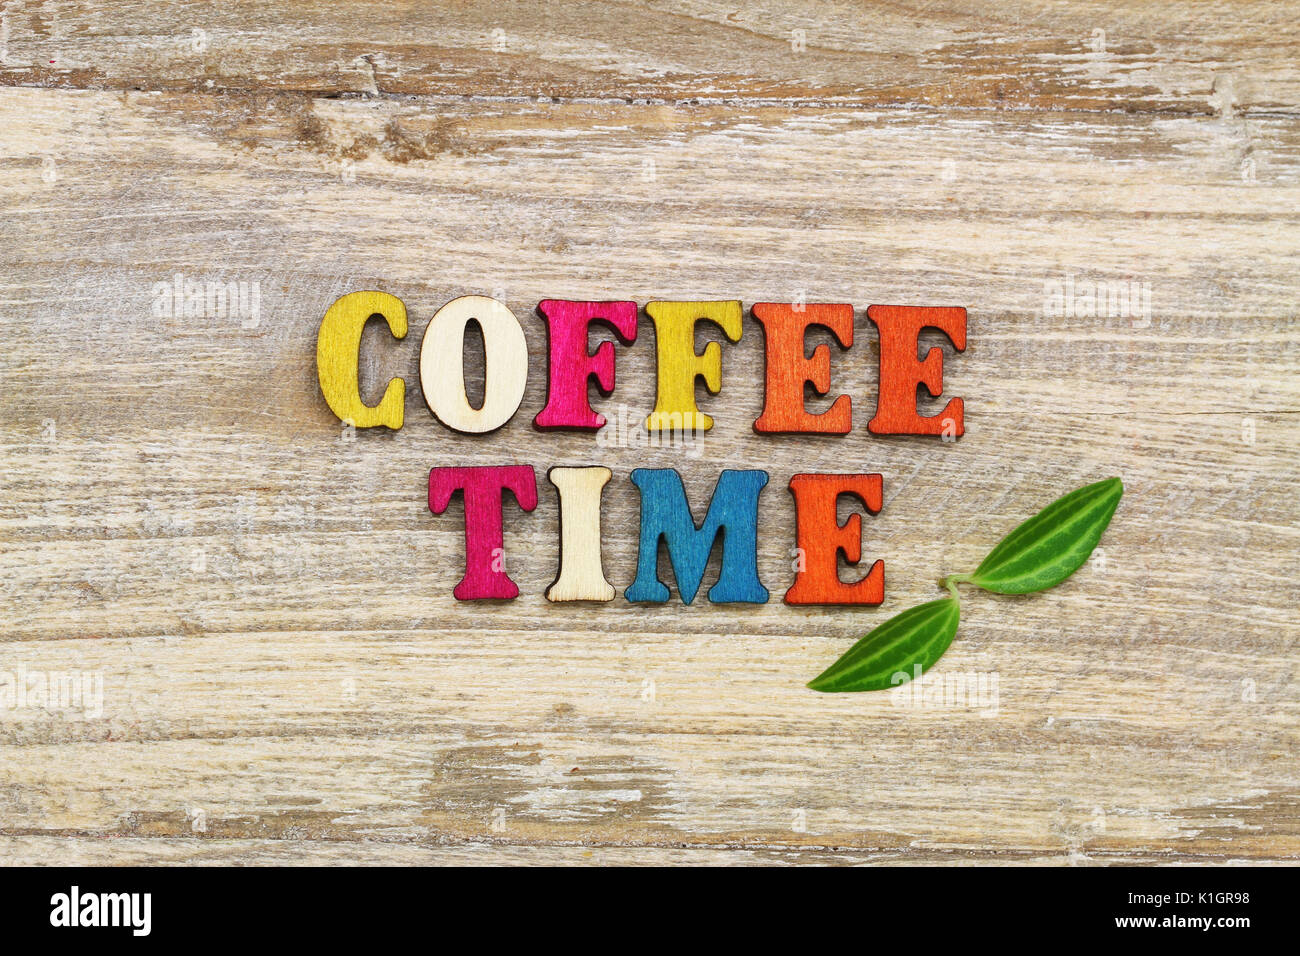 Lettere Di Legno Colorate : Tempo di caffè con scritte colorate lettere in legno e due foglie